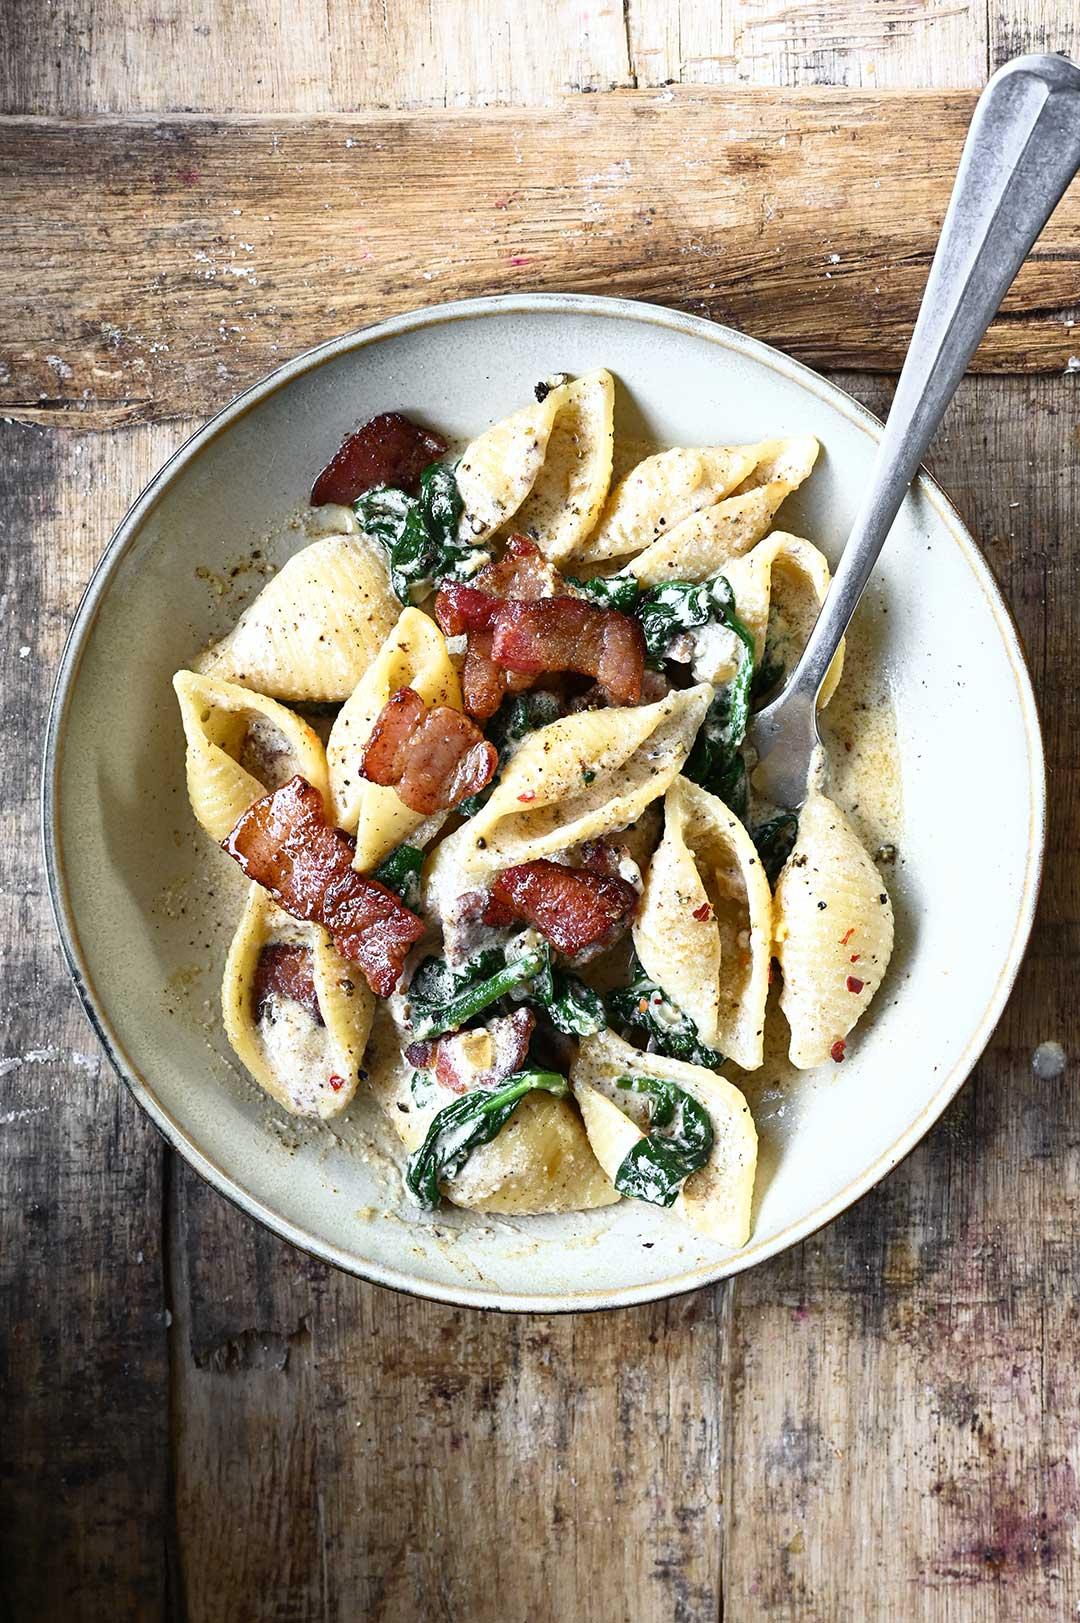 serving dumplings | Pasta met spinazie spekjes en ricotta